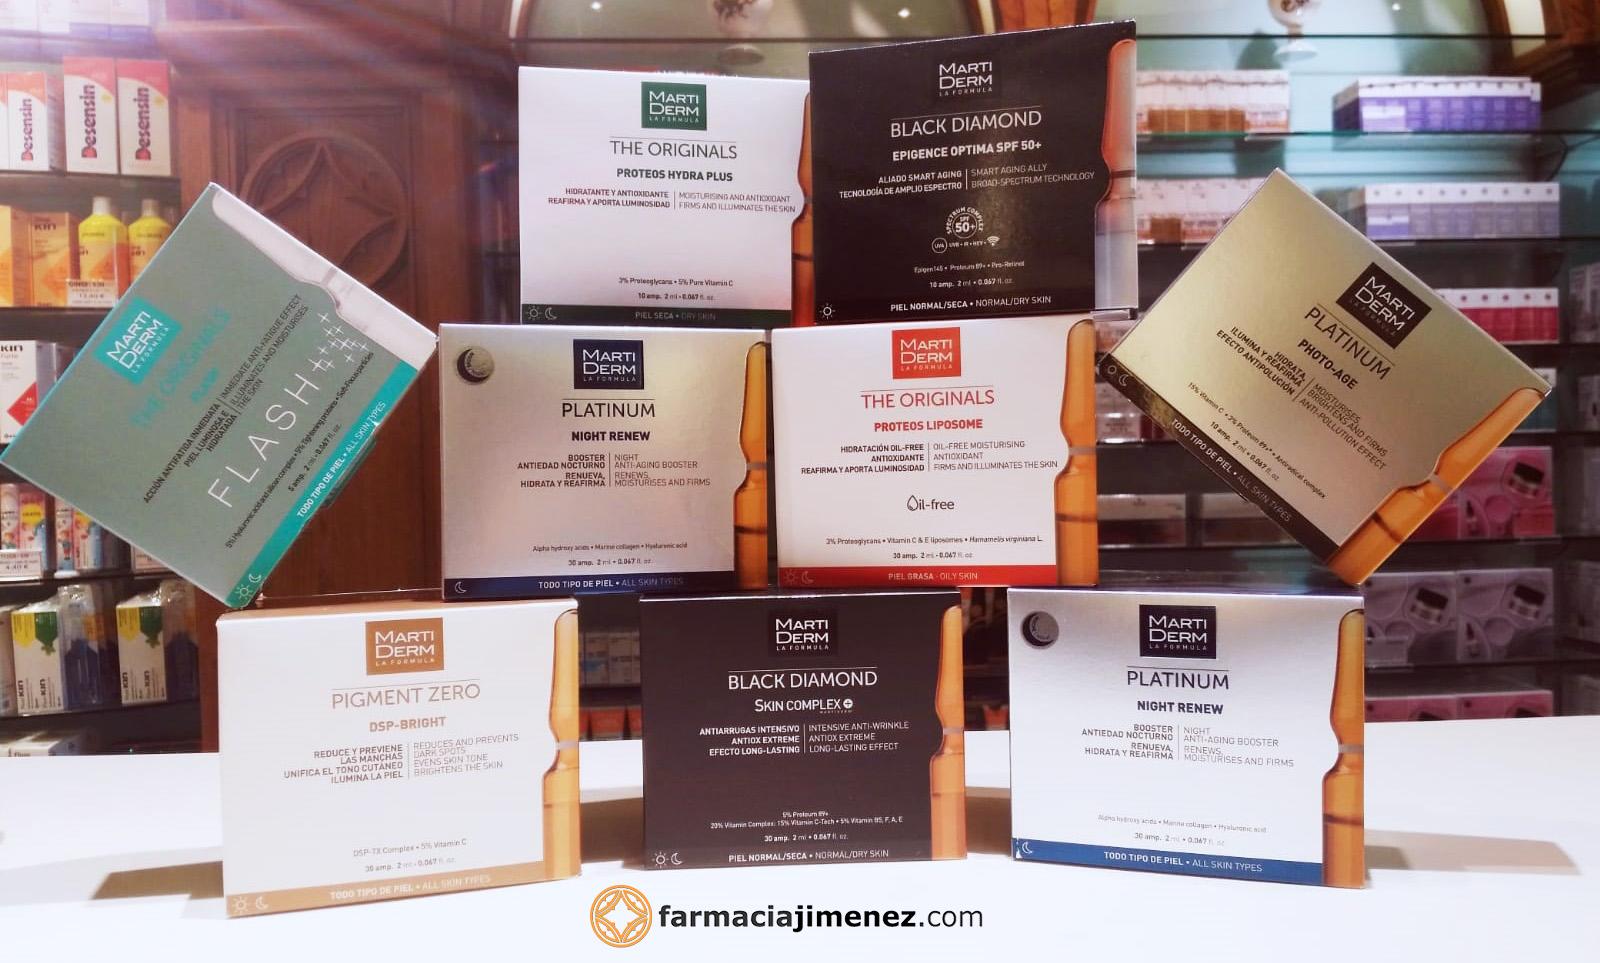 Farmacia Jimenez | Ampollas Martiderm, te las enseñamos todas - ¿Cuál es la mejor para tu piel?